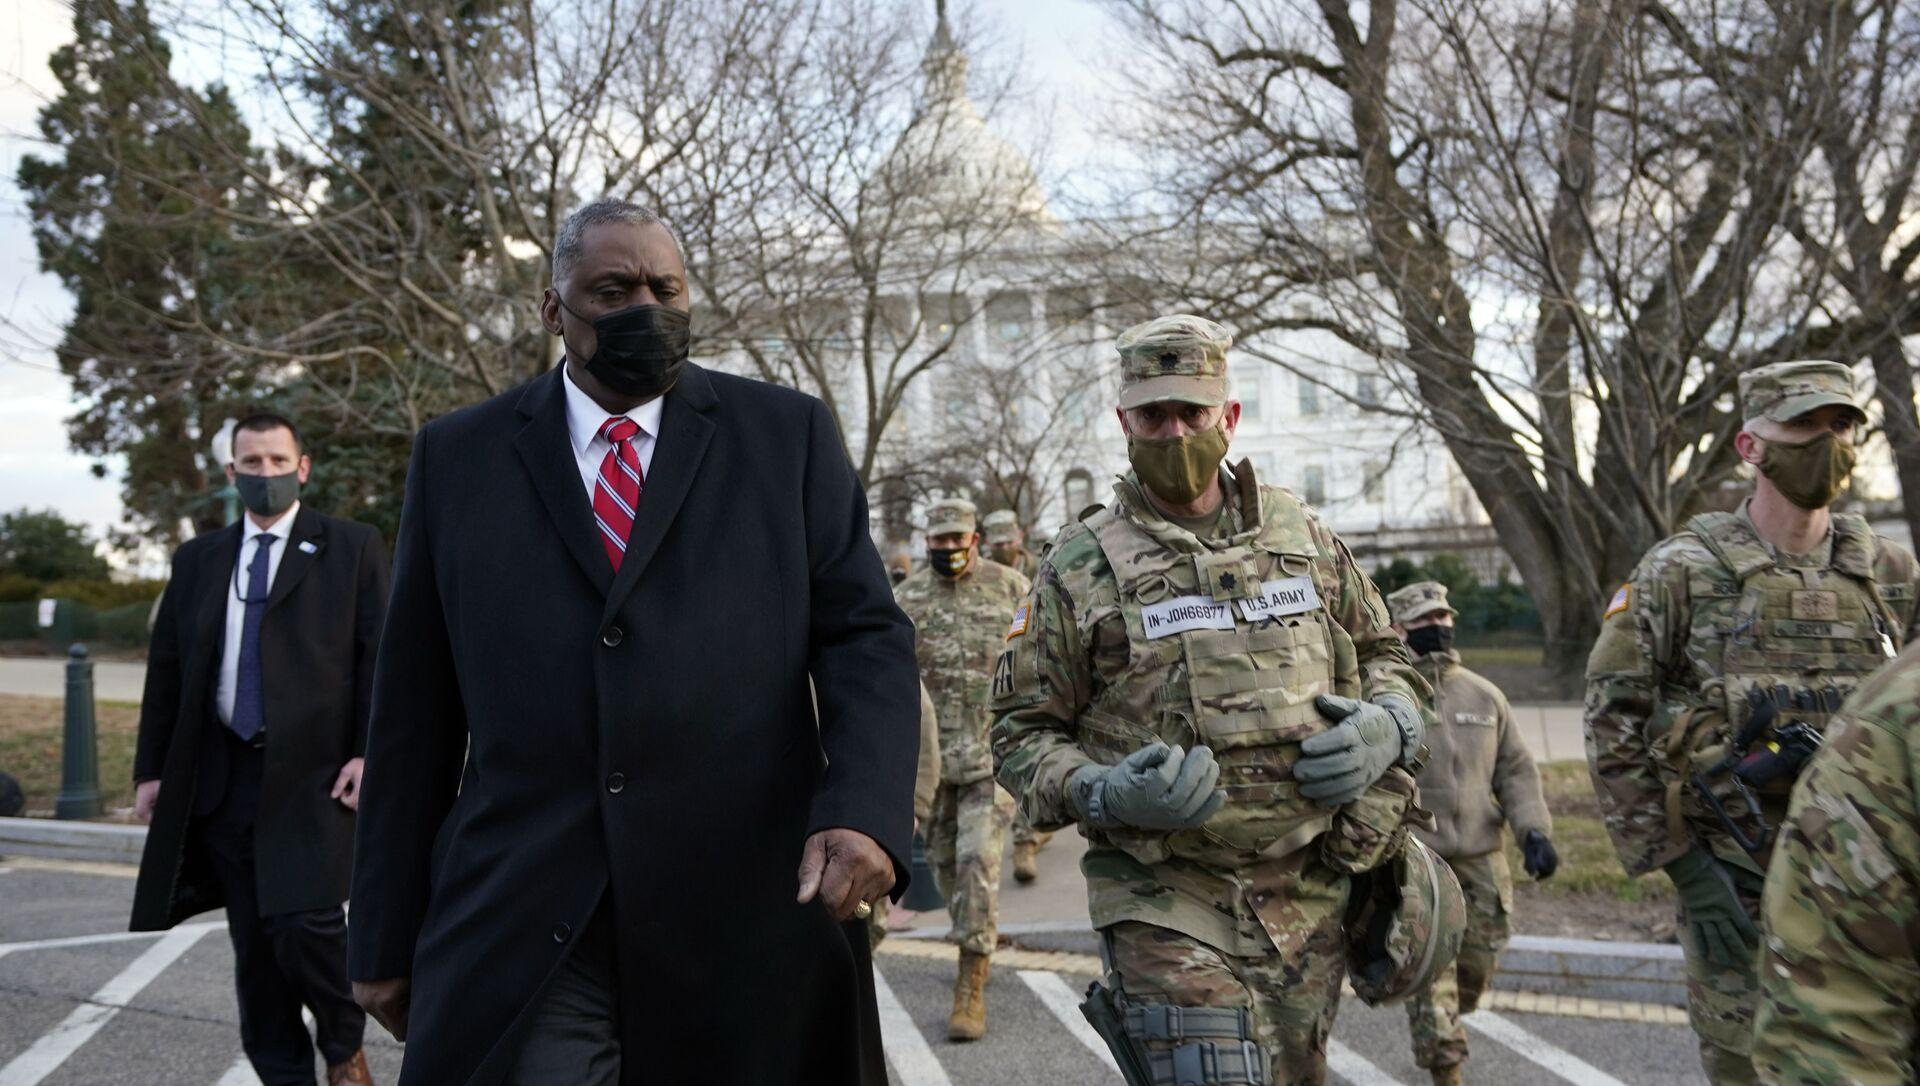 El secretario de Defensa de EEUU, Lloyd Austin, visita a las tropas de la Guardia Nacional desplegadas en el Capitolio, el 29 de enero de 2021, Washington, EEUU. - Sputnik Mundo, 1920, 07.02.2021